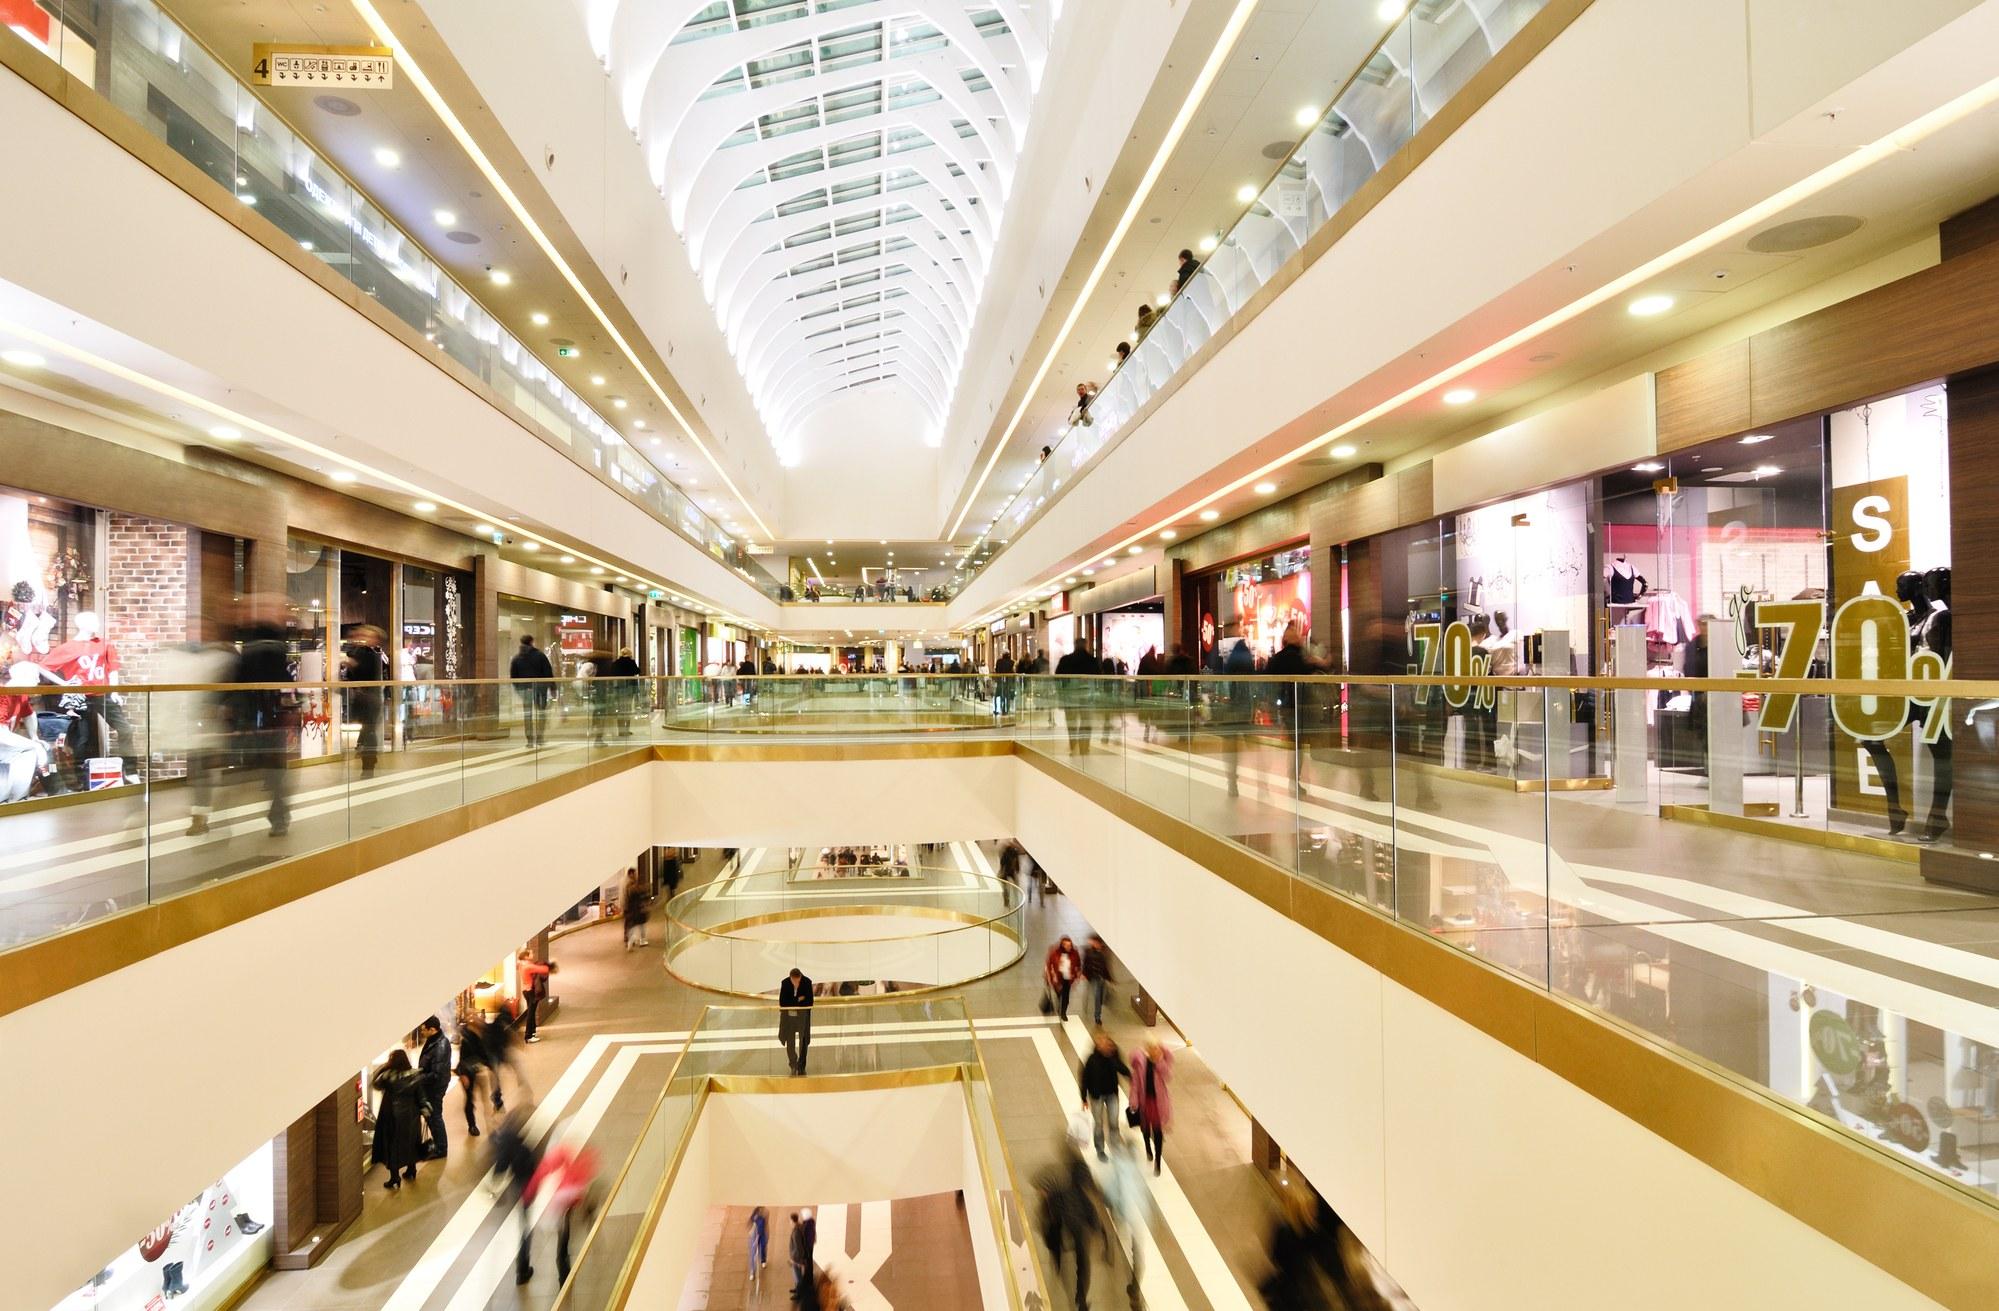 garbsen kaufhausdetektiv, doorman, sicherheitsdienst, sicherheitskraft einkaufszentrum, türsteher, wachschutz in frankfurt